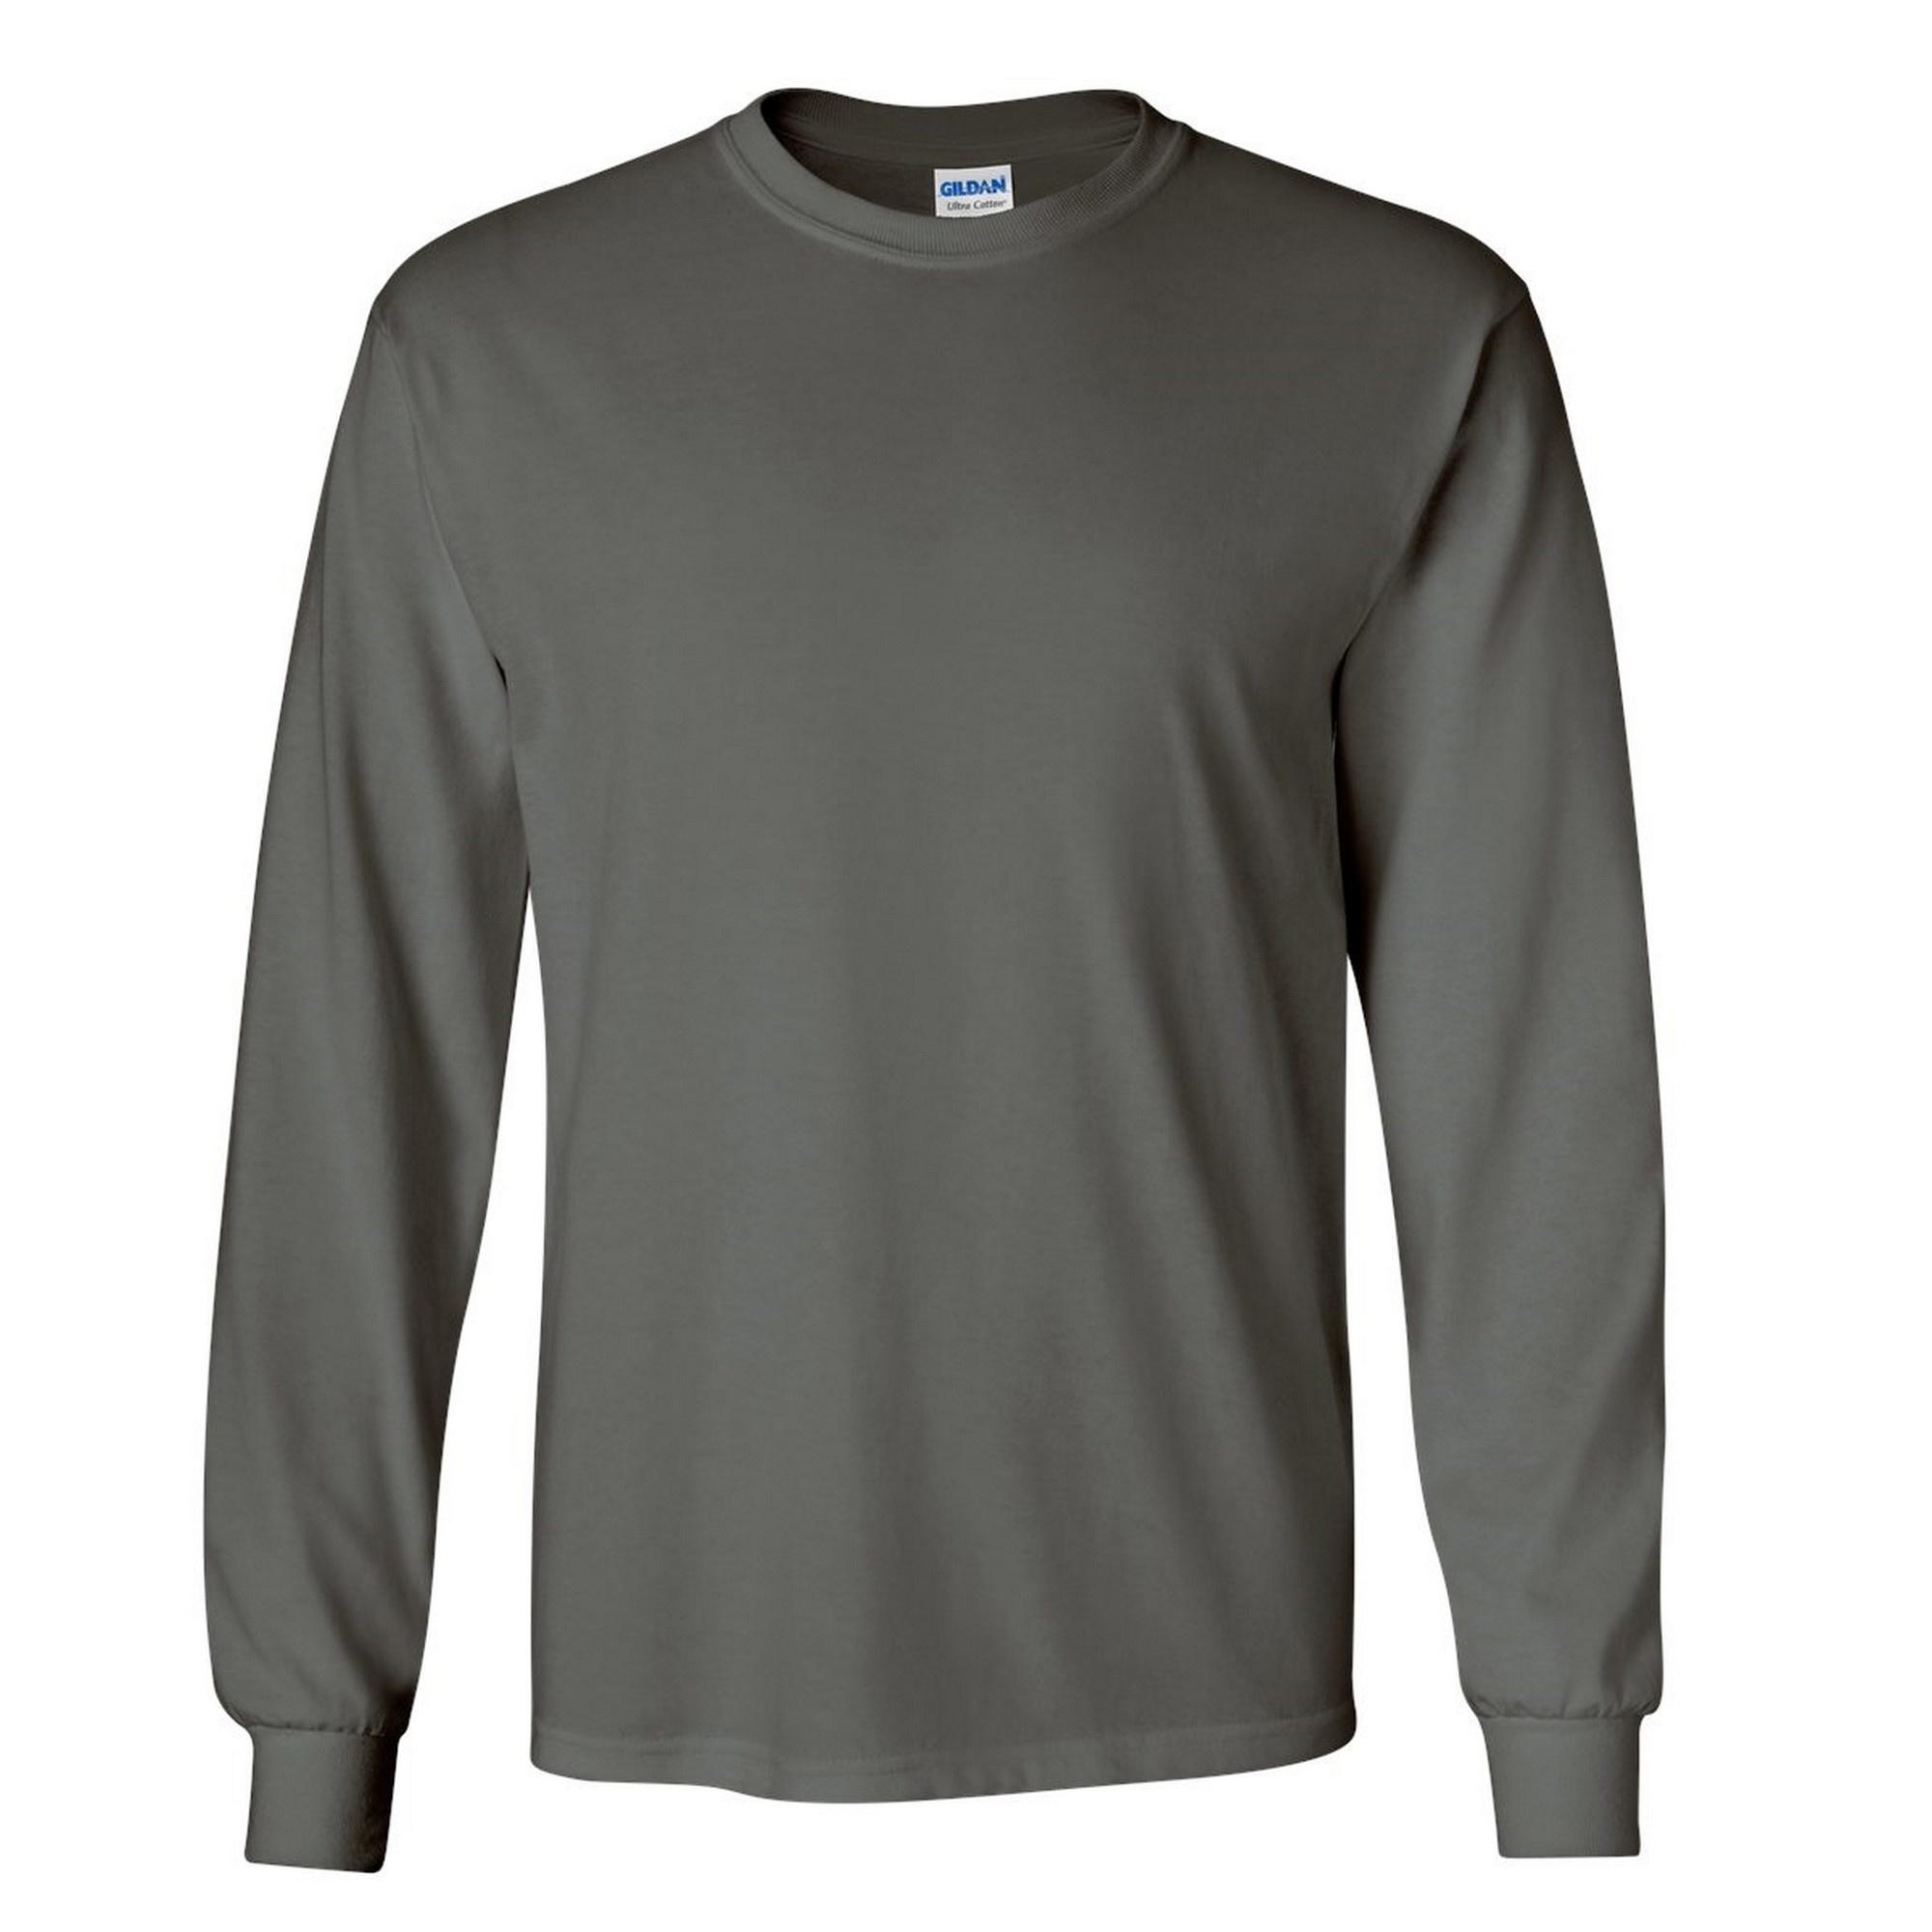 miniature 98 - T-shirt-uni-a-manches-longues-Gildan-100-coton-pour-homme-S-2XL-BC477